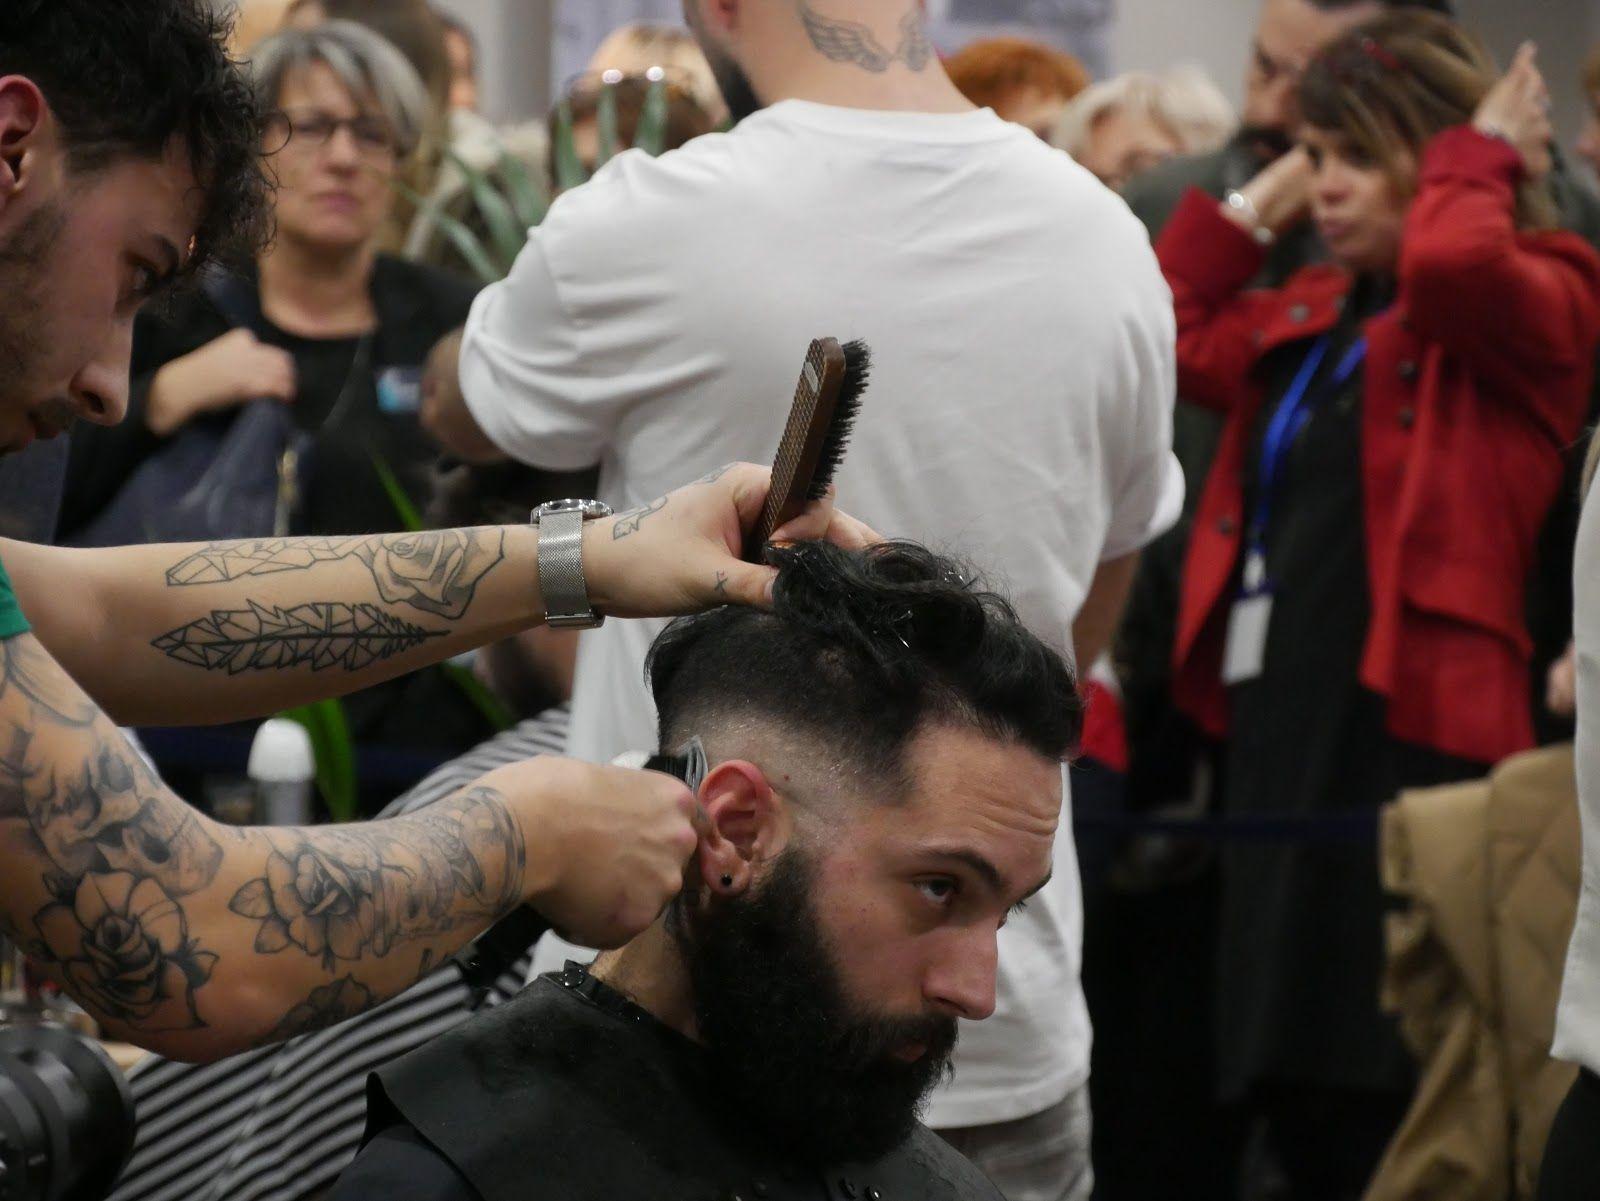 20+ Salon coiffure clermont ferrand le dernier